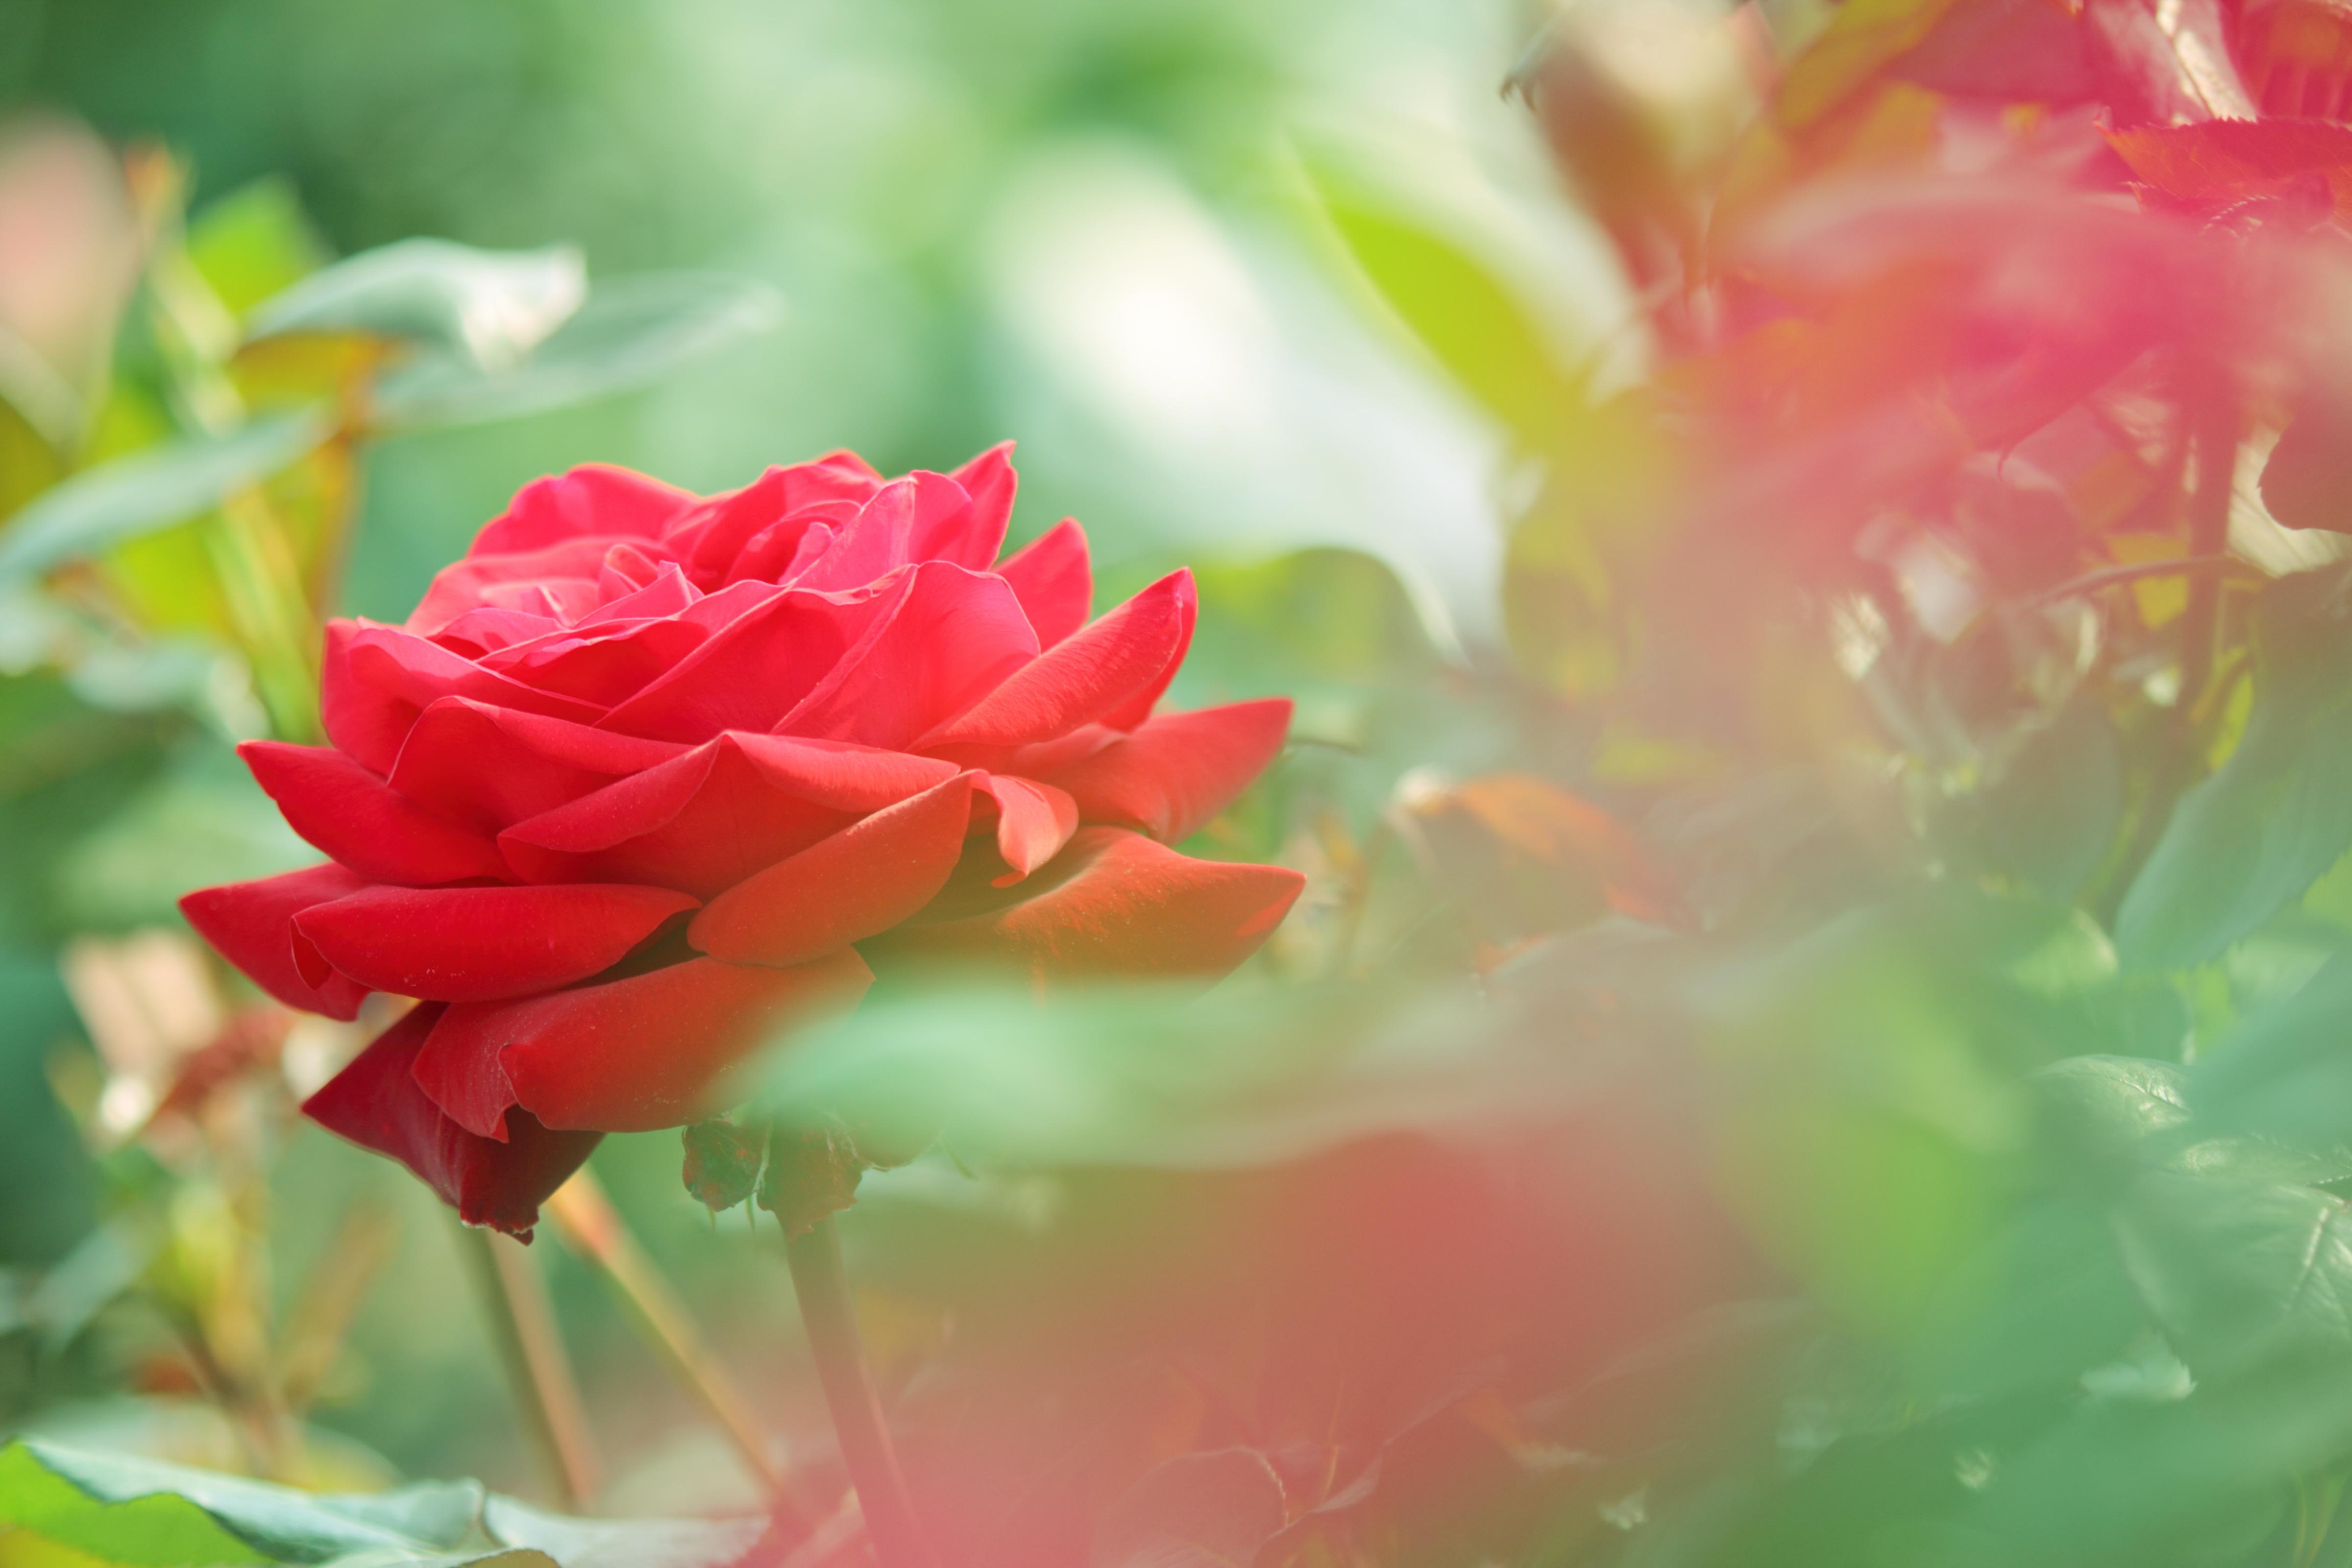 роза, лепестки, листья скачать